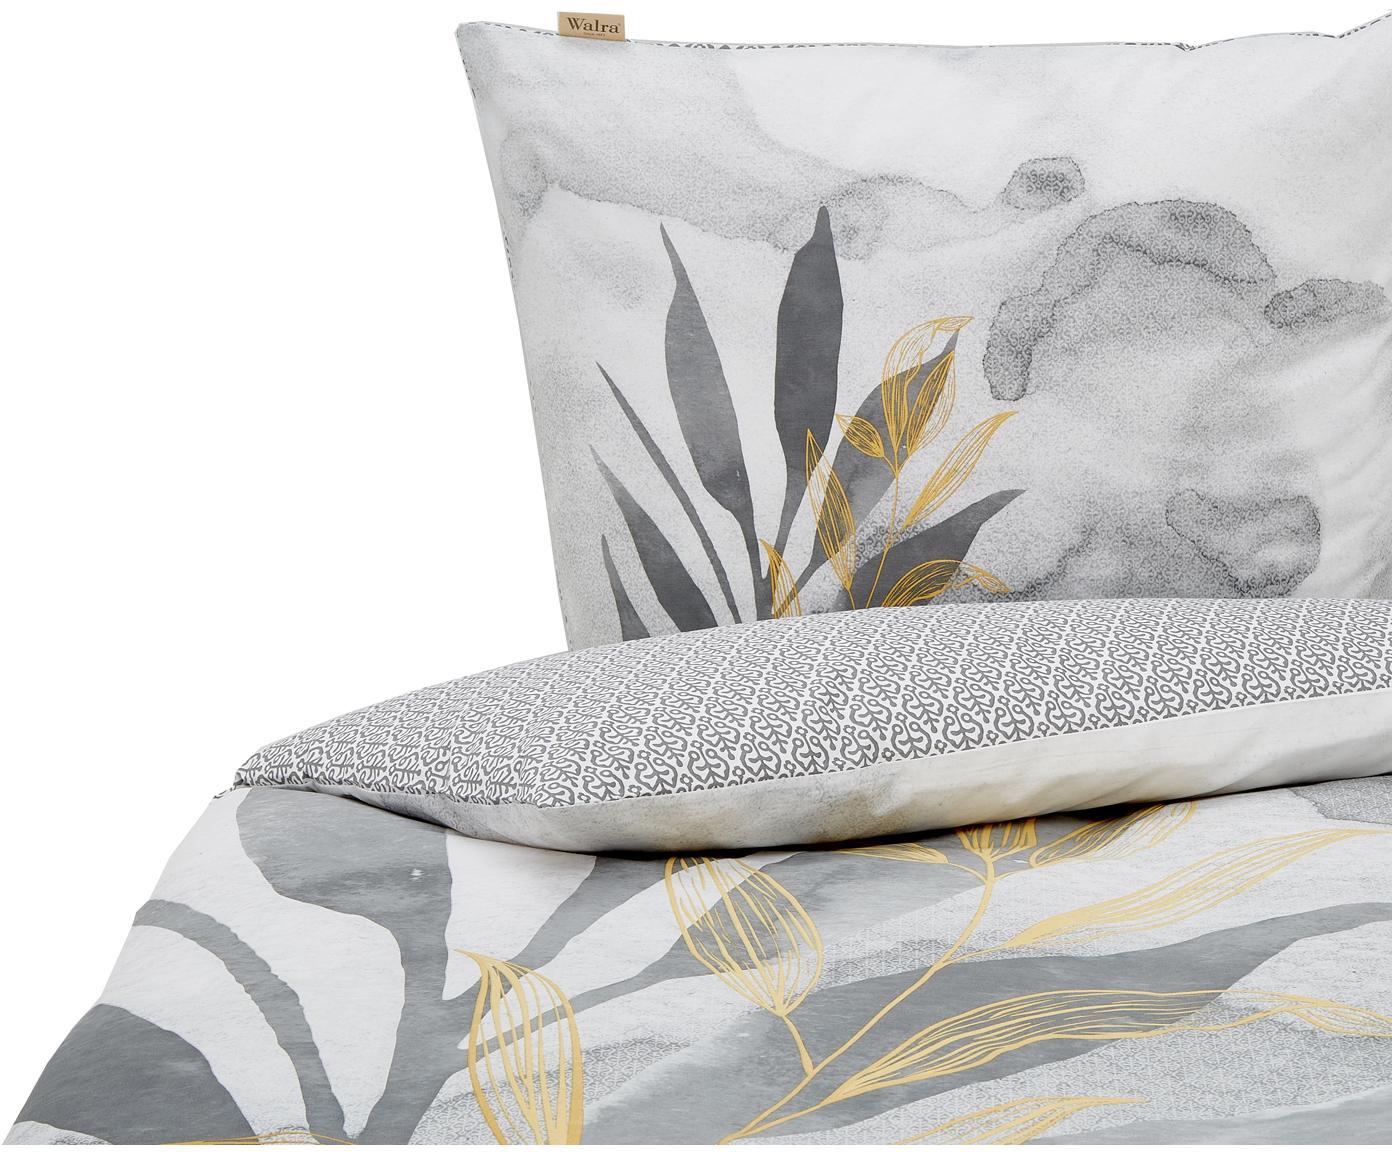 Baumwoll-Wendebettwäsche Lovely Leaves mit Aquarell-Print, Webart: Renforcé Renforcé besteht, Weiß, Grau, 135 x 200 cm + 1 Kissen 80 x 80 cm